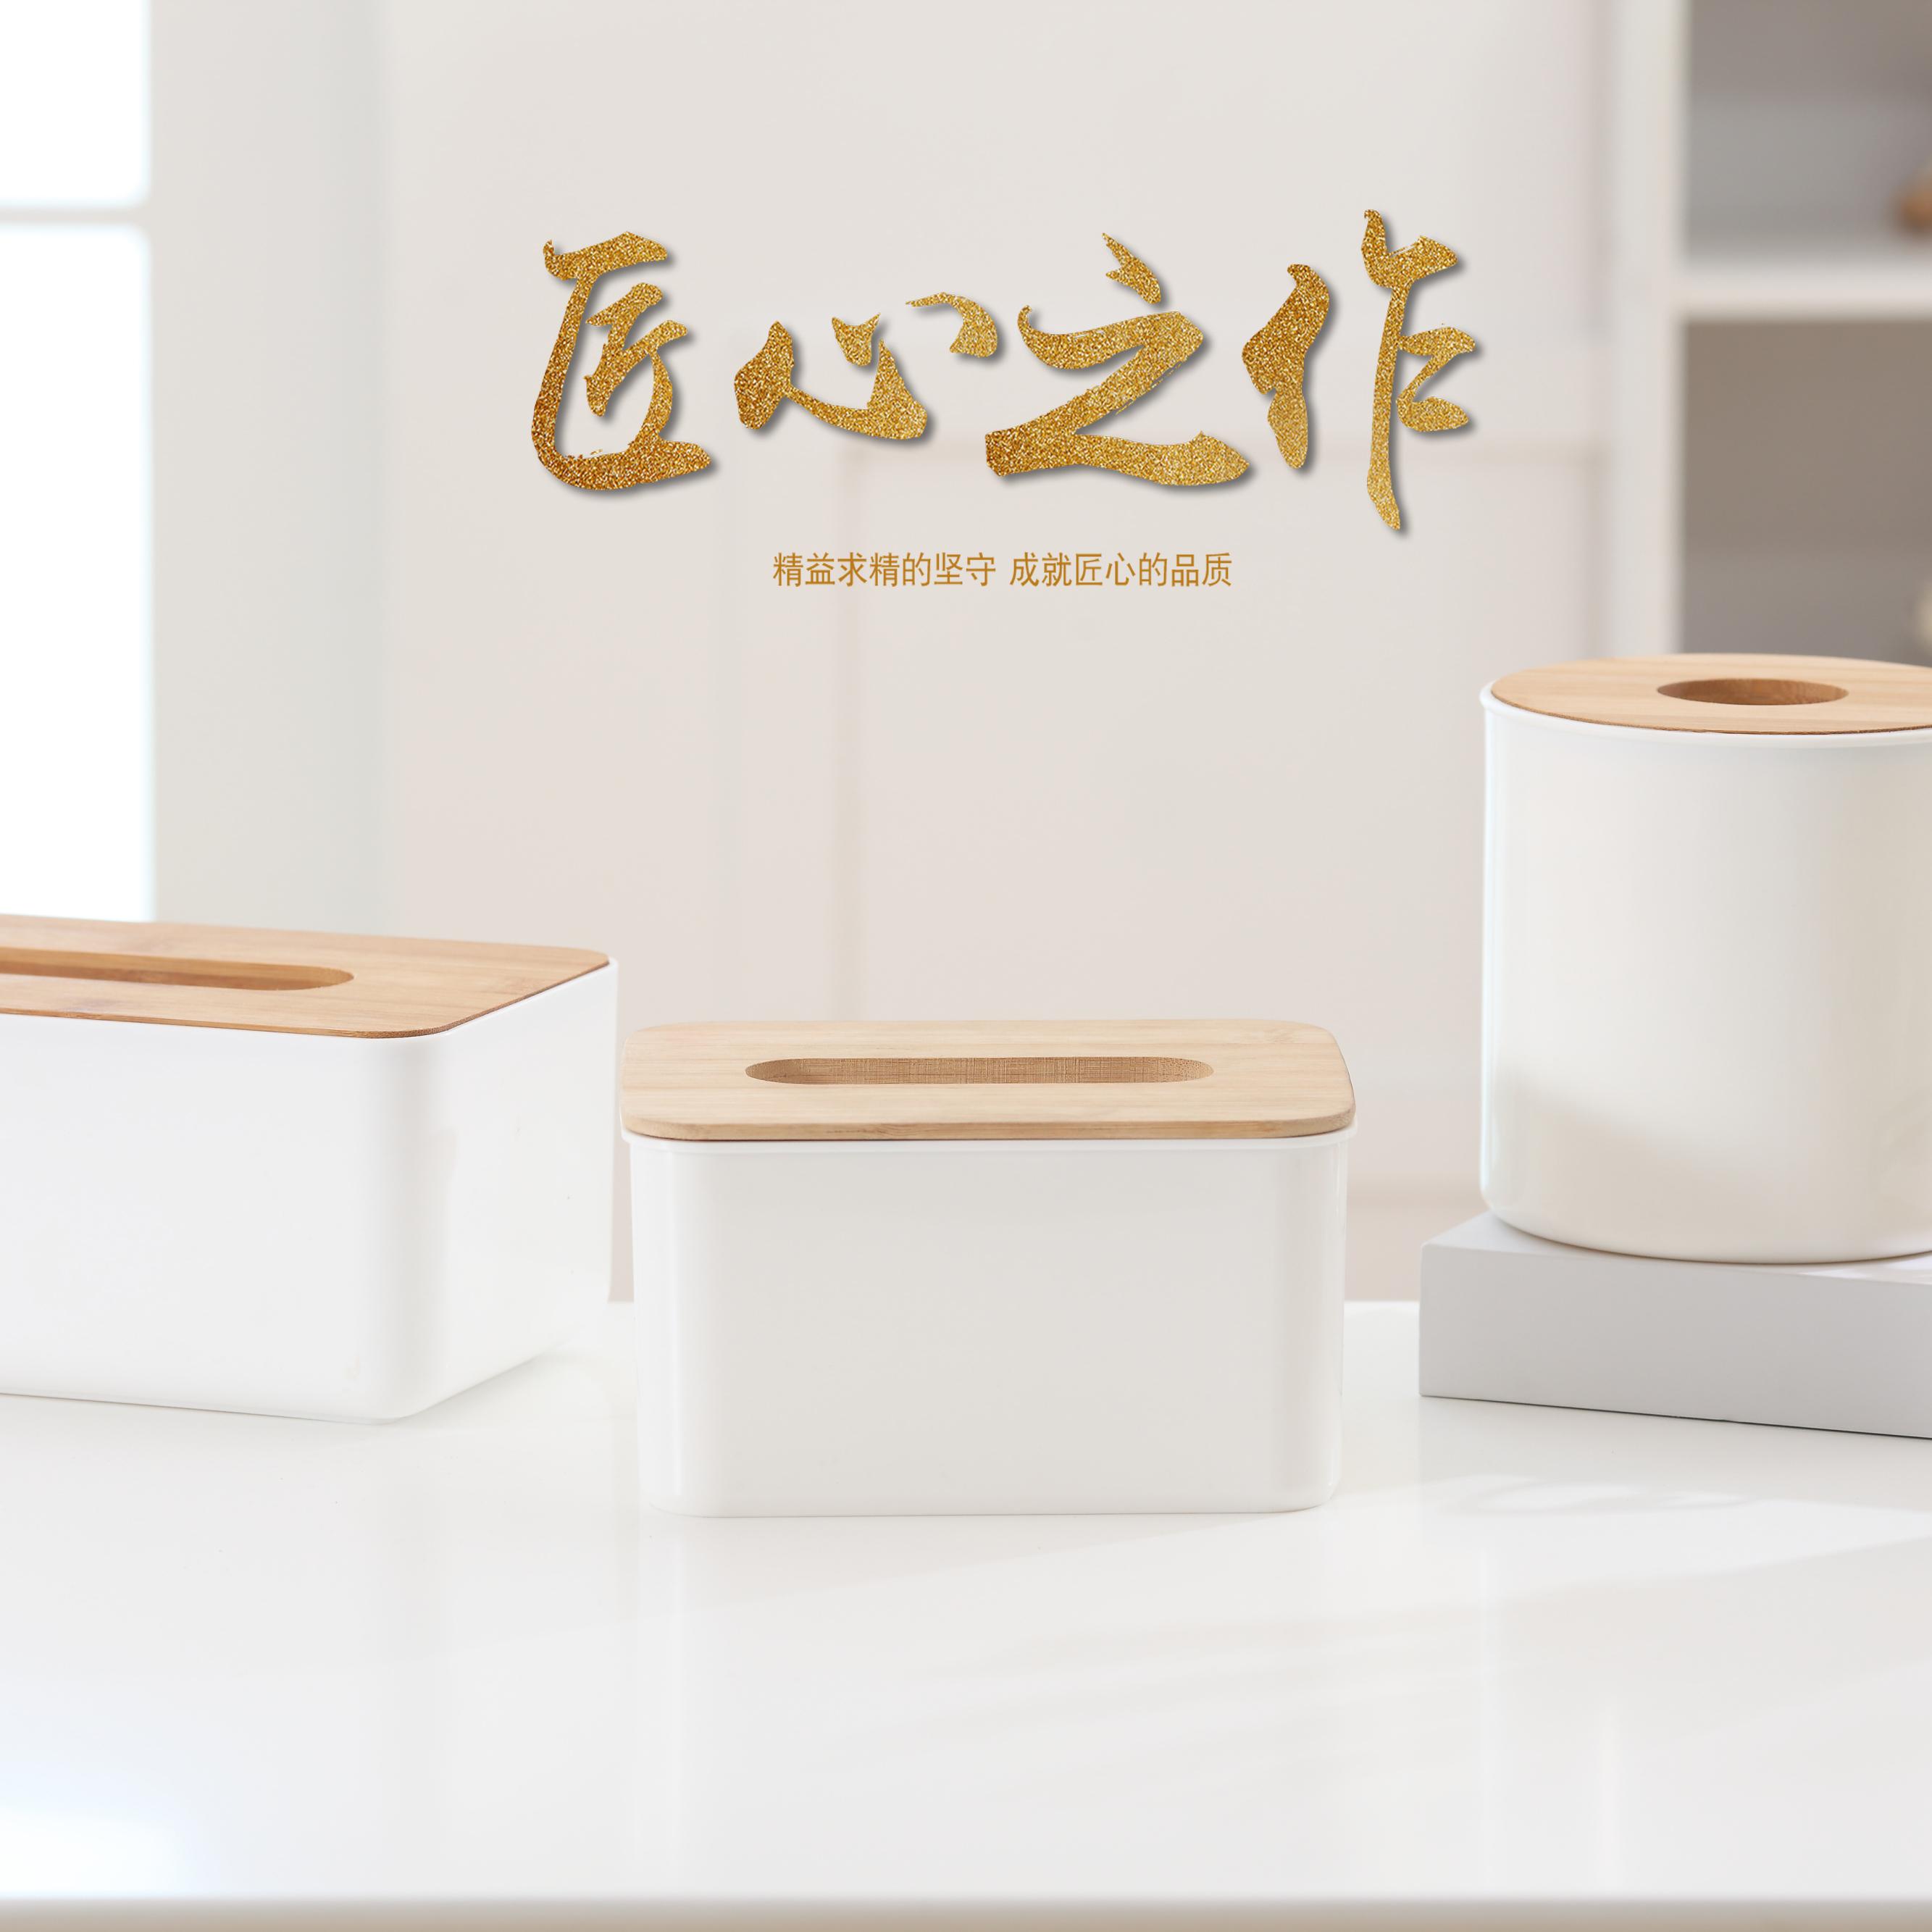 简约纸巾盒 日式家用卫生间饭店宾馆酒店高档抽纸盒塑料竹木盖子